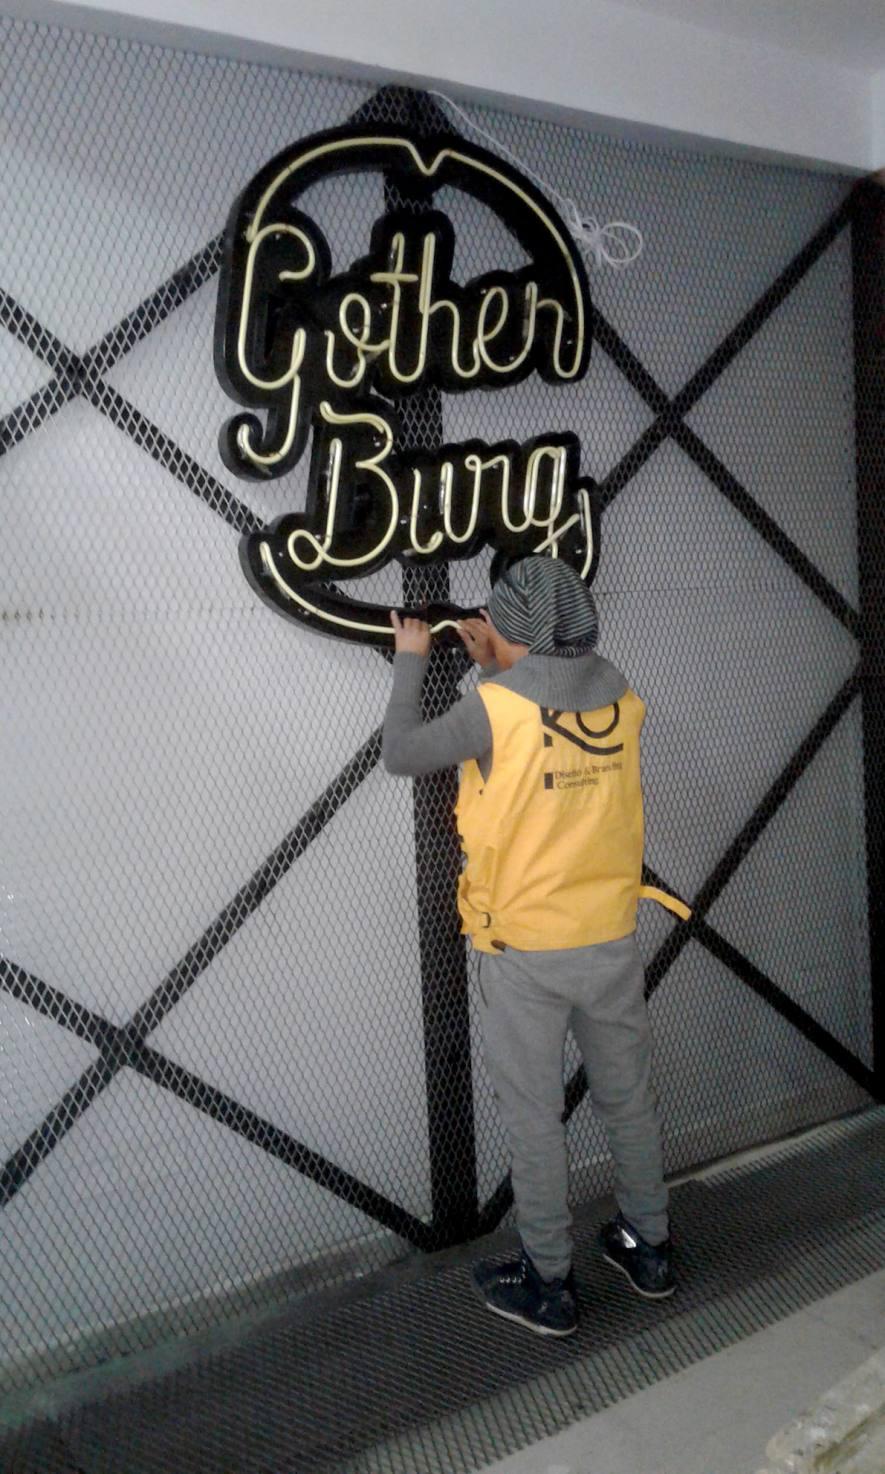 gothen